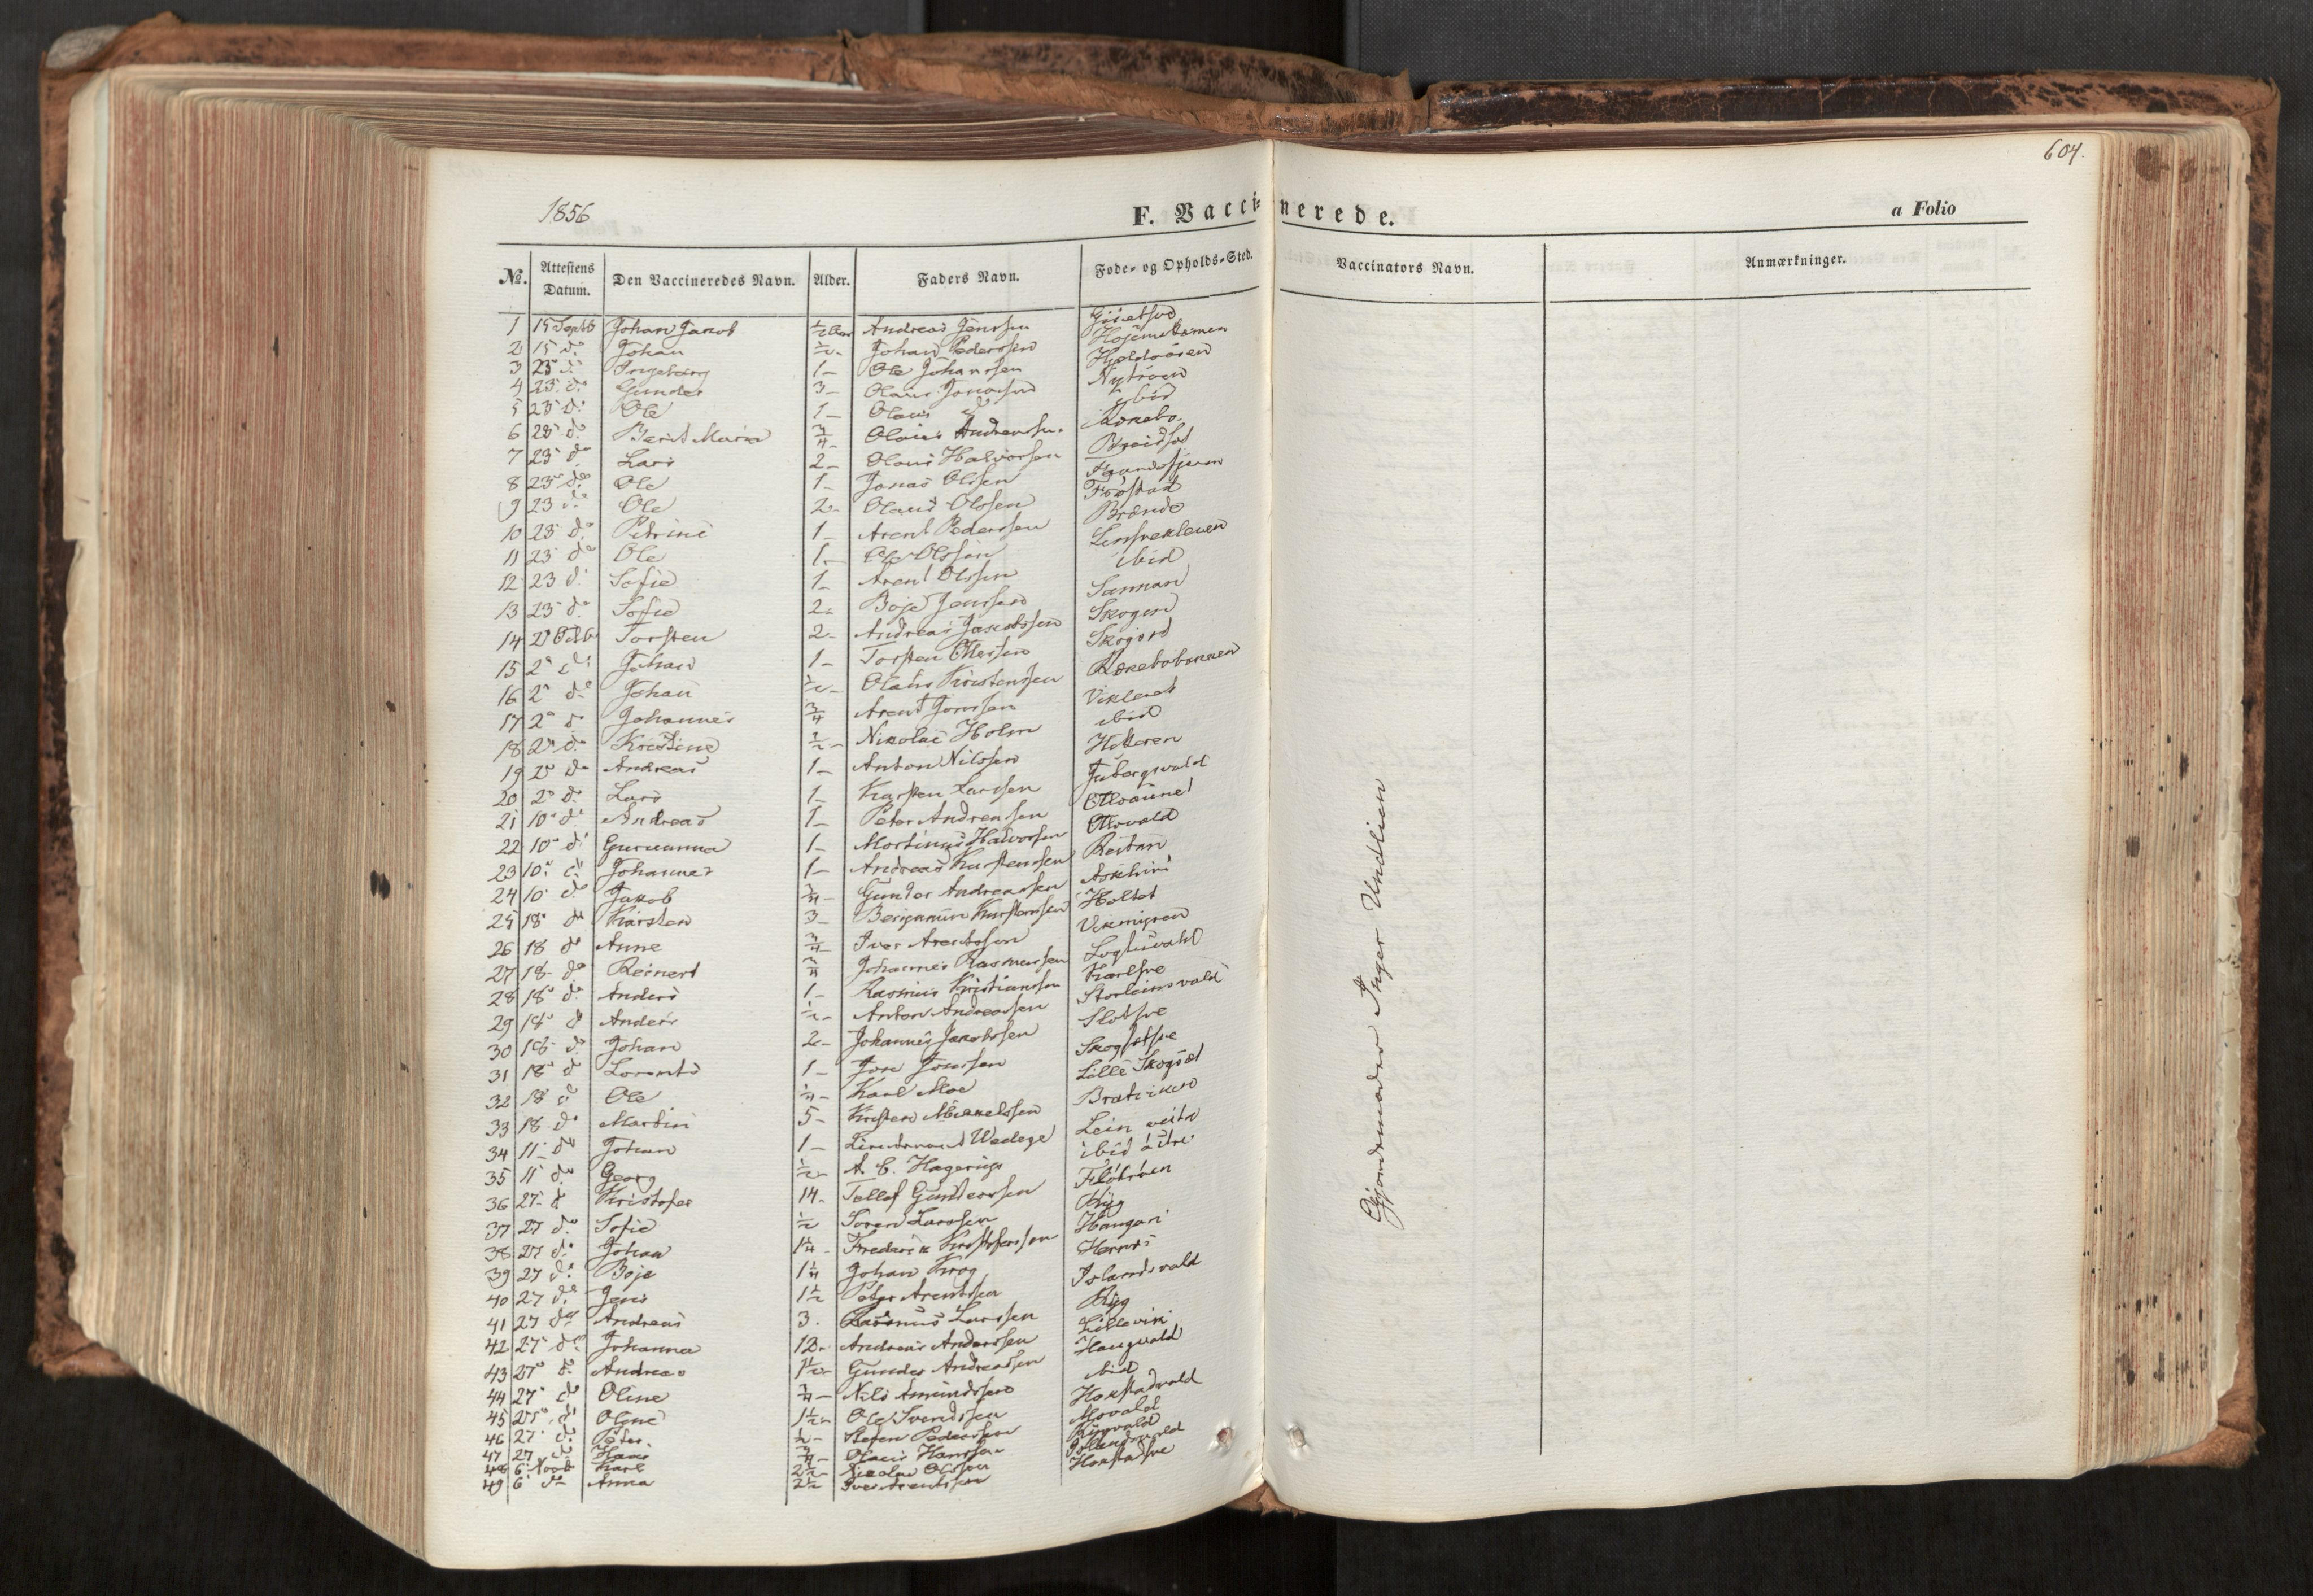 SAT, Ministerialprotokoller, klokkerbøker og fødselsregistre - Nord-Trøndelag, 713/L0116: Ministerialbok nr. 713A07, 1850-1877, s. 604